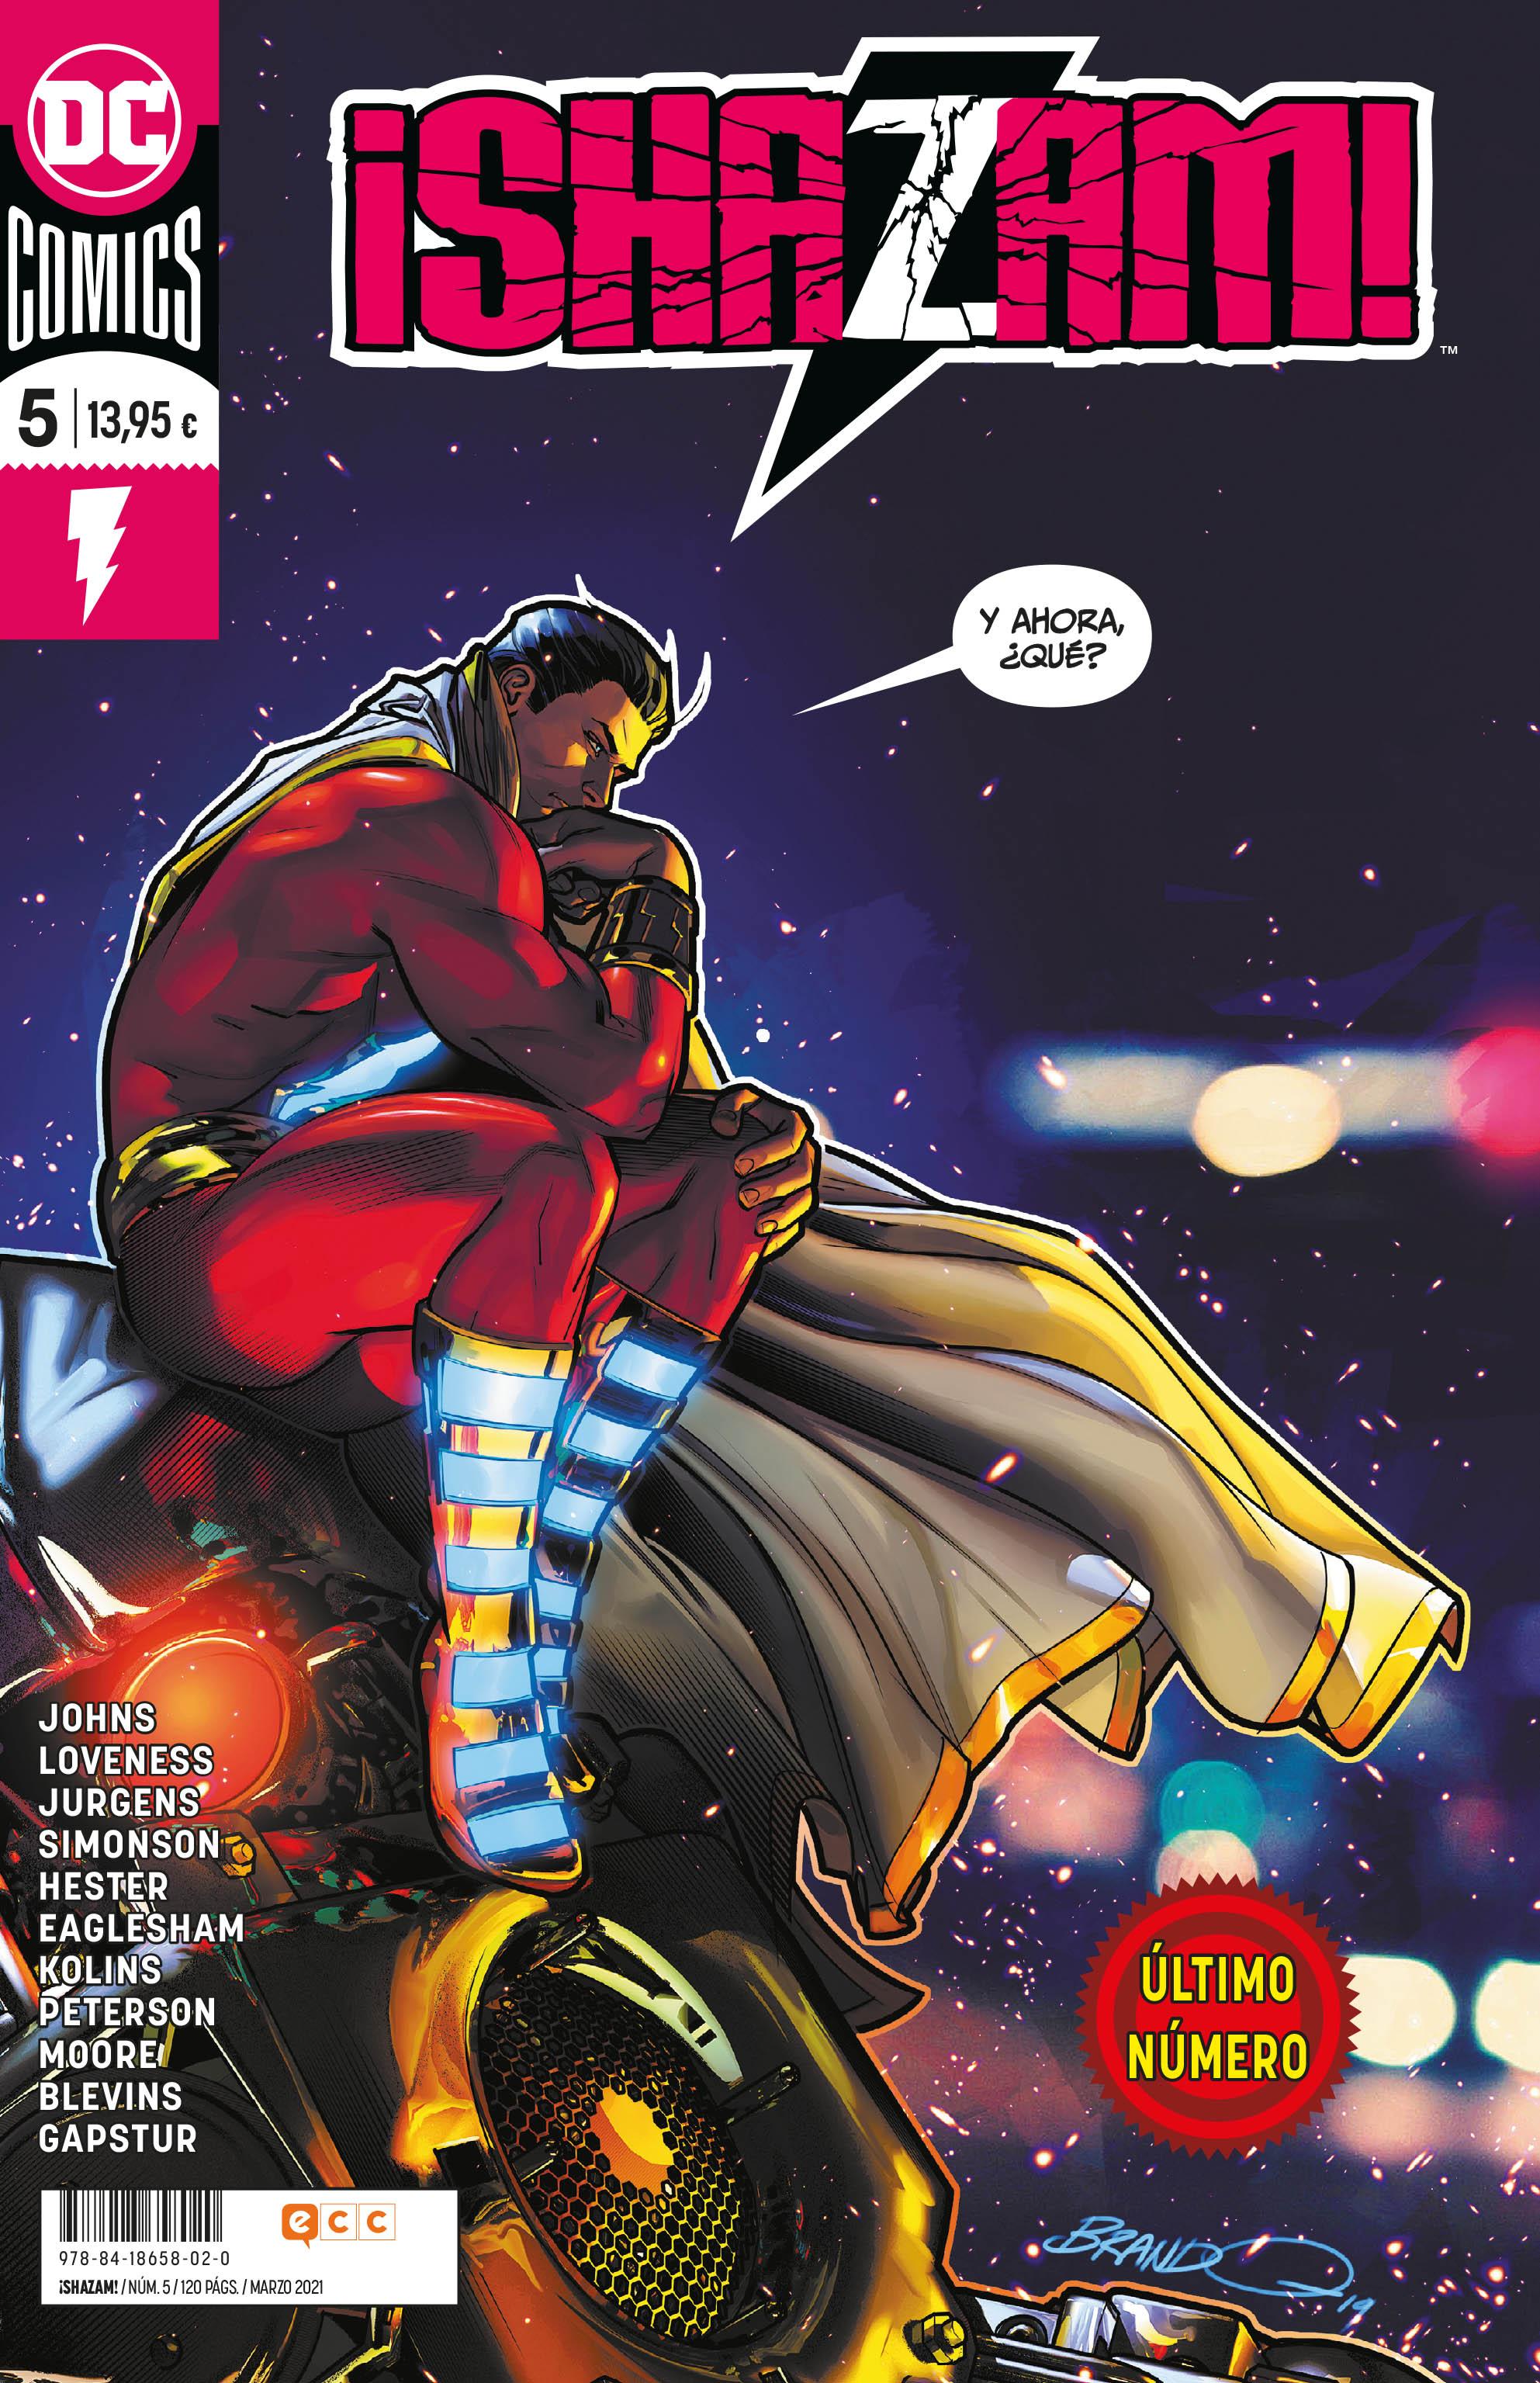 ¡Shazam! #5